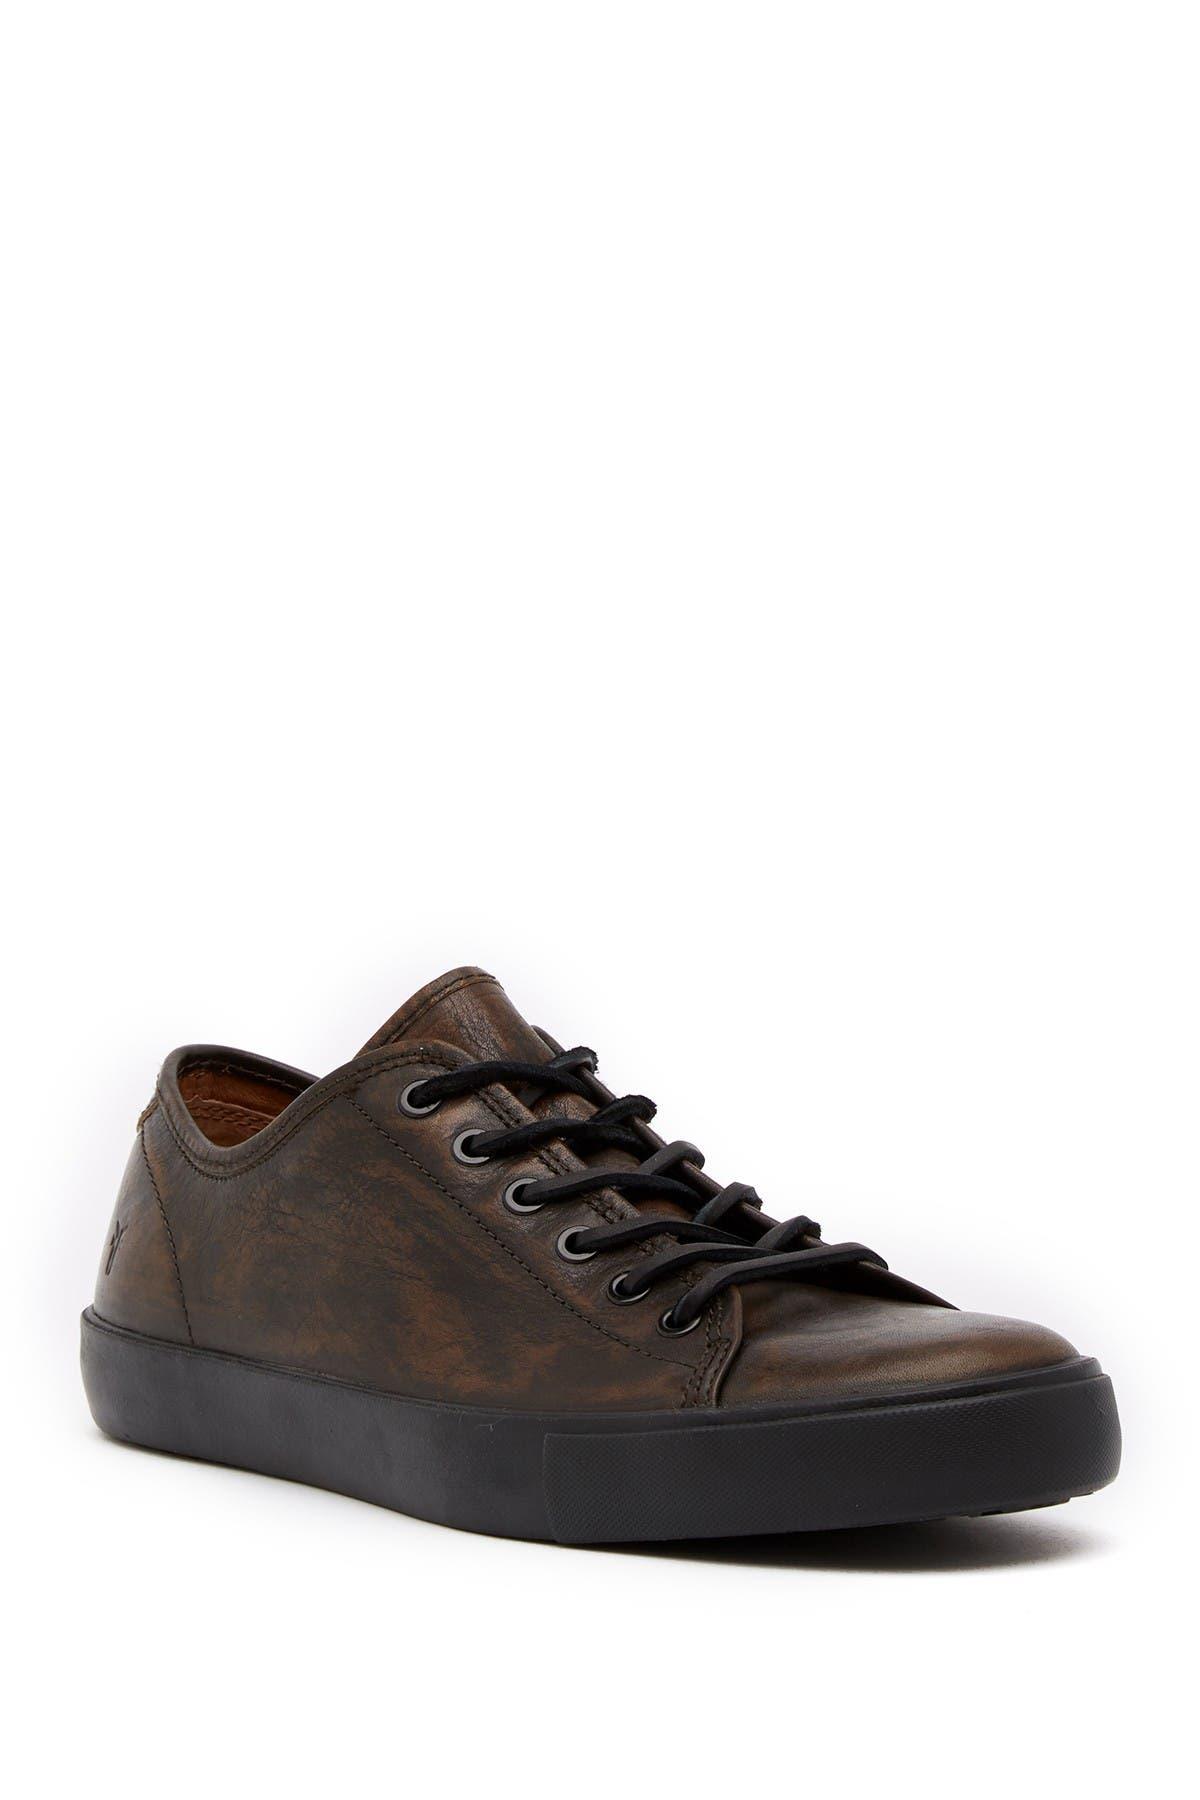 Frye | Brett Low Leather Sneaker